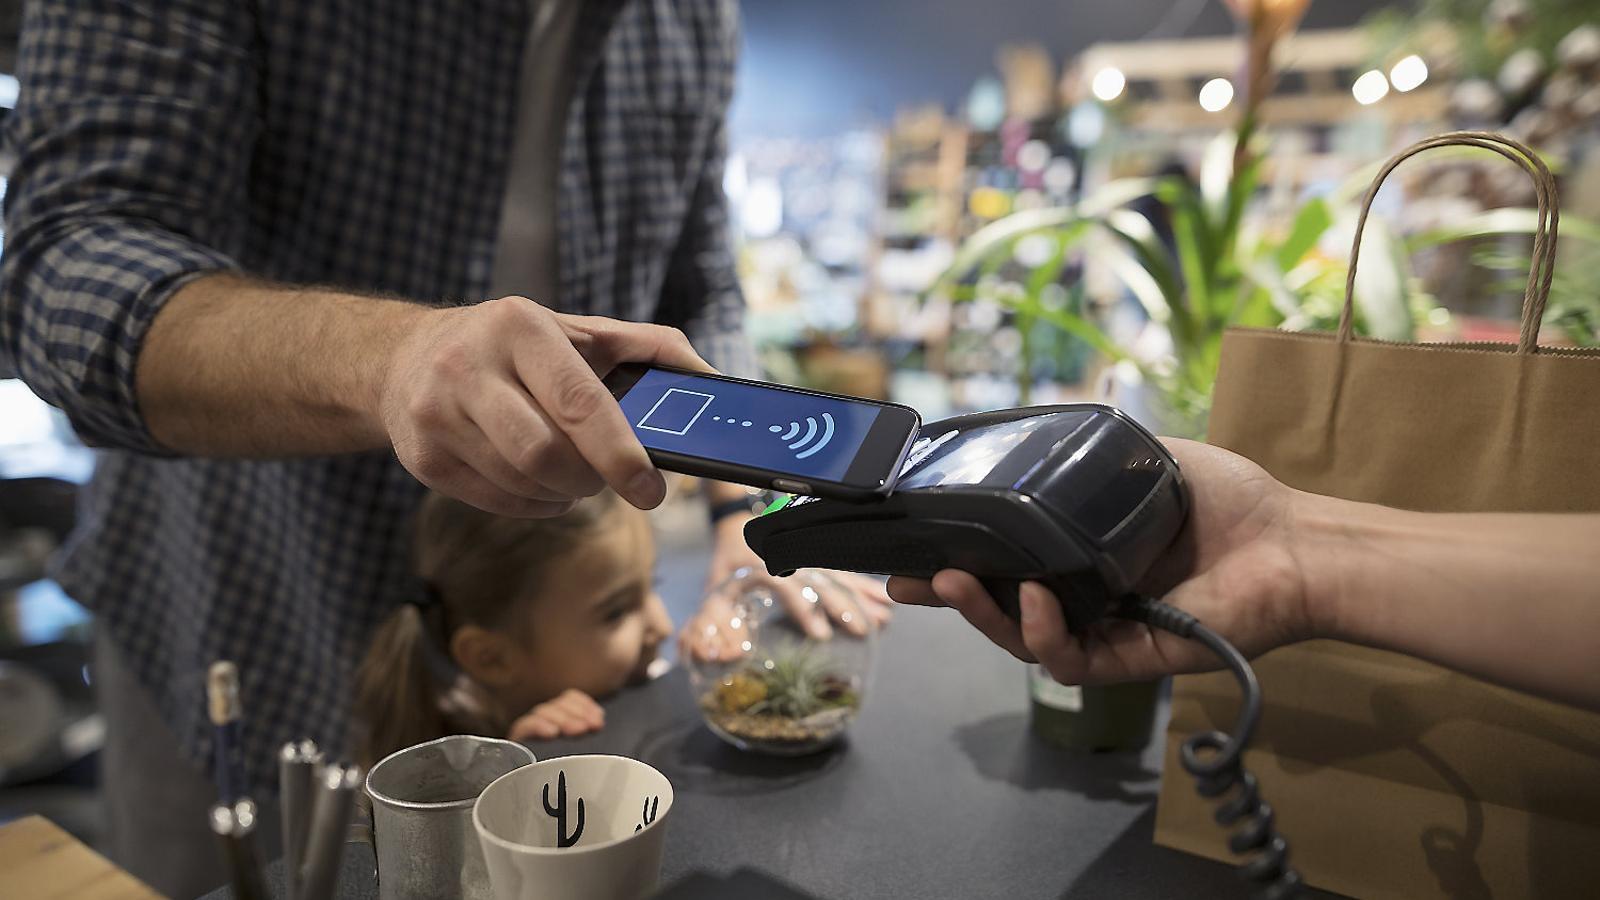 Els gegants tecnològics que volen destronar els bitllets